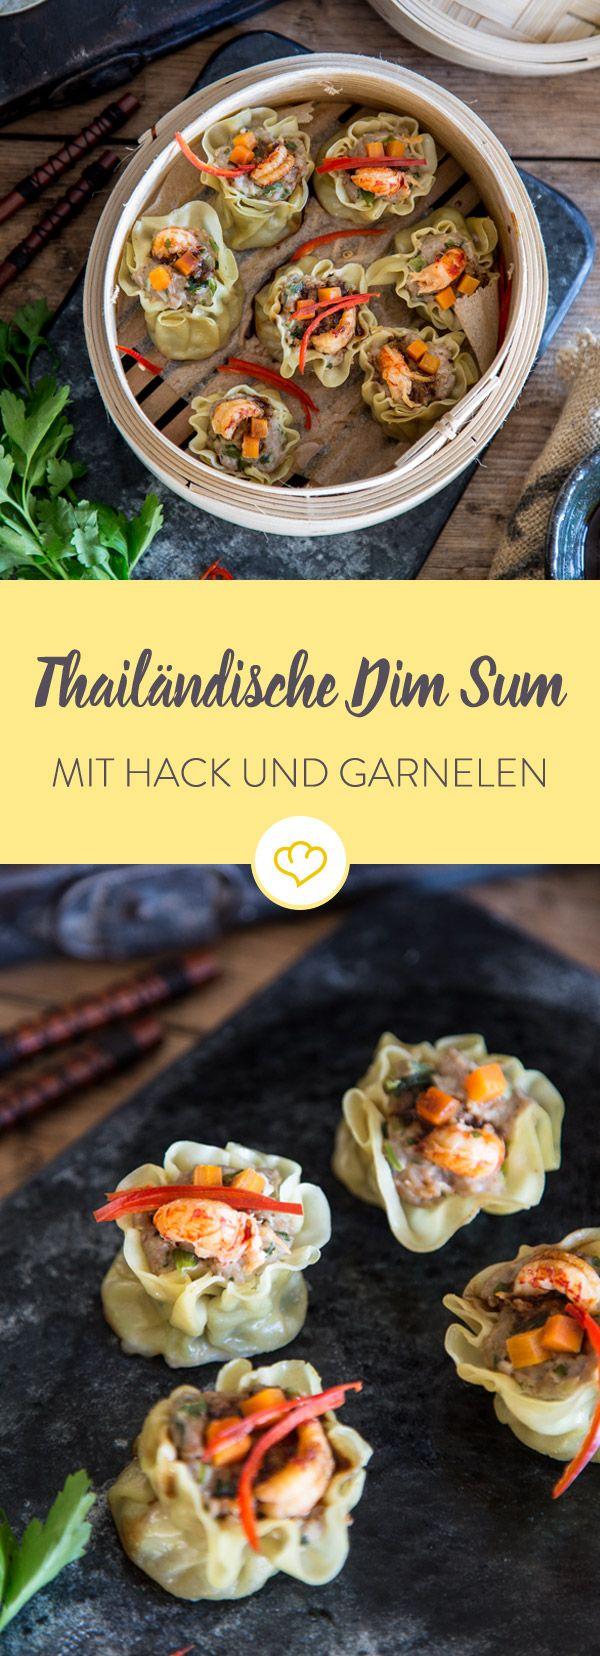 Diese feinen Happen mit Hack, Garnelen, Maronen und Soja-Dip katapultieren dich in den kulinarischen Himmel. Ideal als Vorspeise.